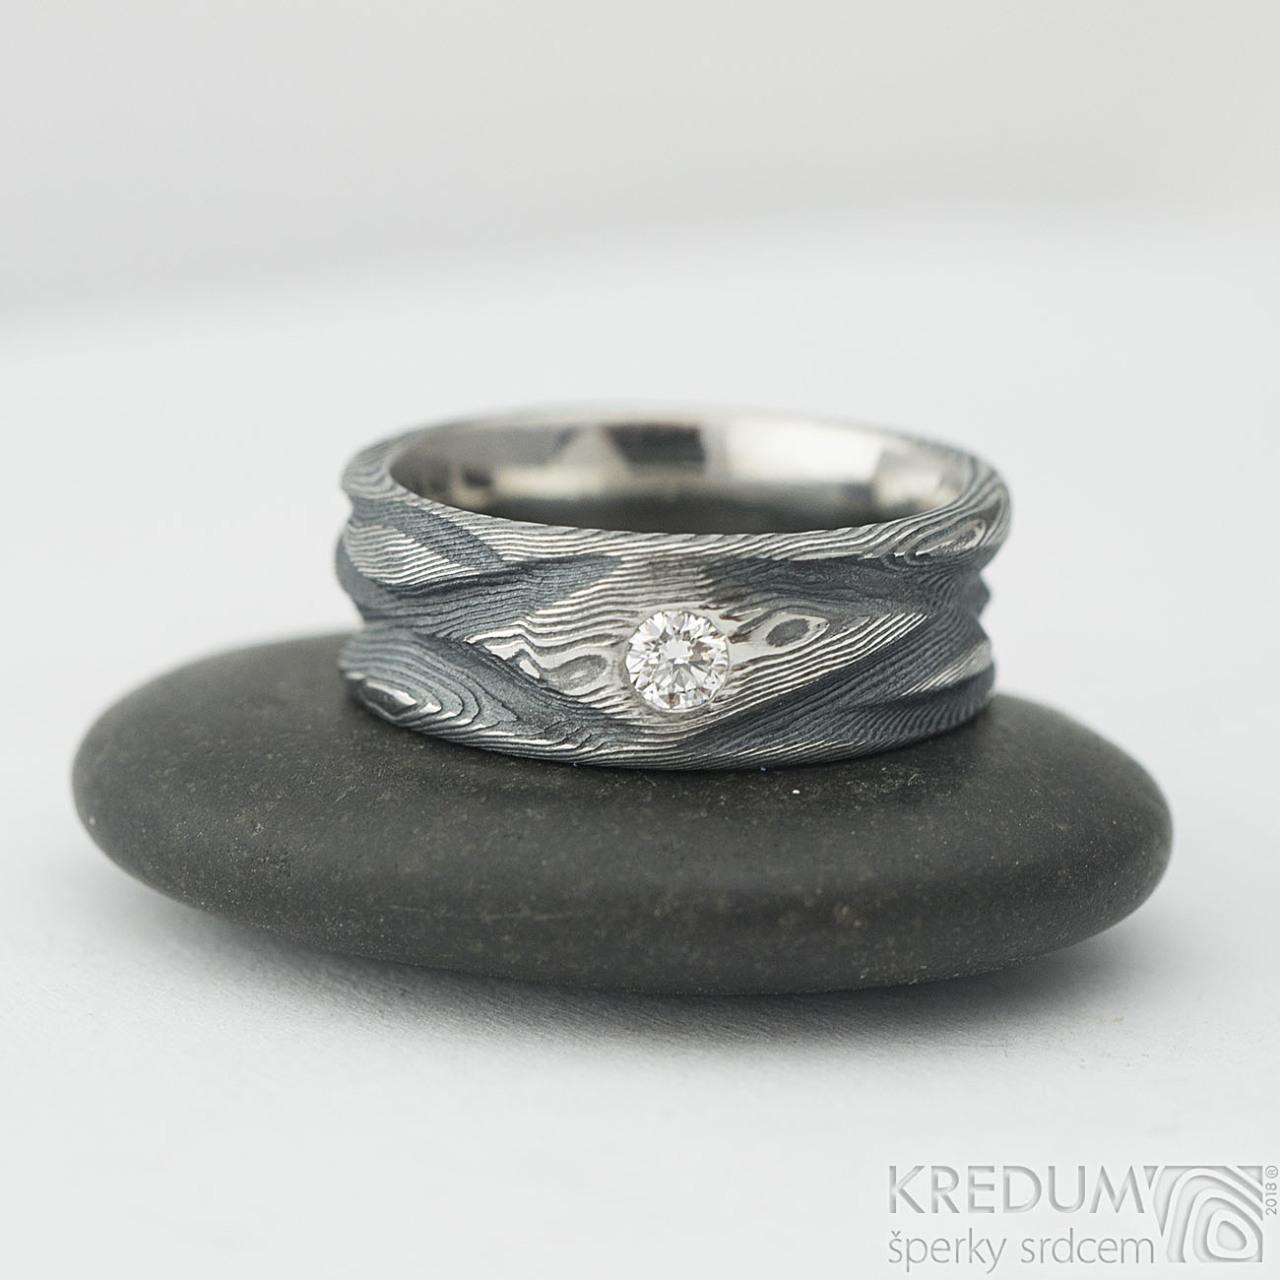 Zásnubní a snubní prsten Víla vod - damasteel dřevo a přírodní diamant 3 mm  - briliantový f5c8ffd04be